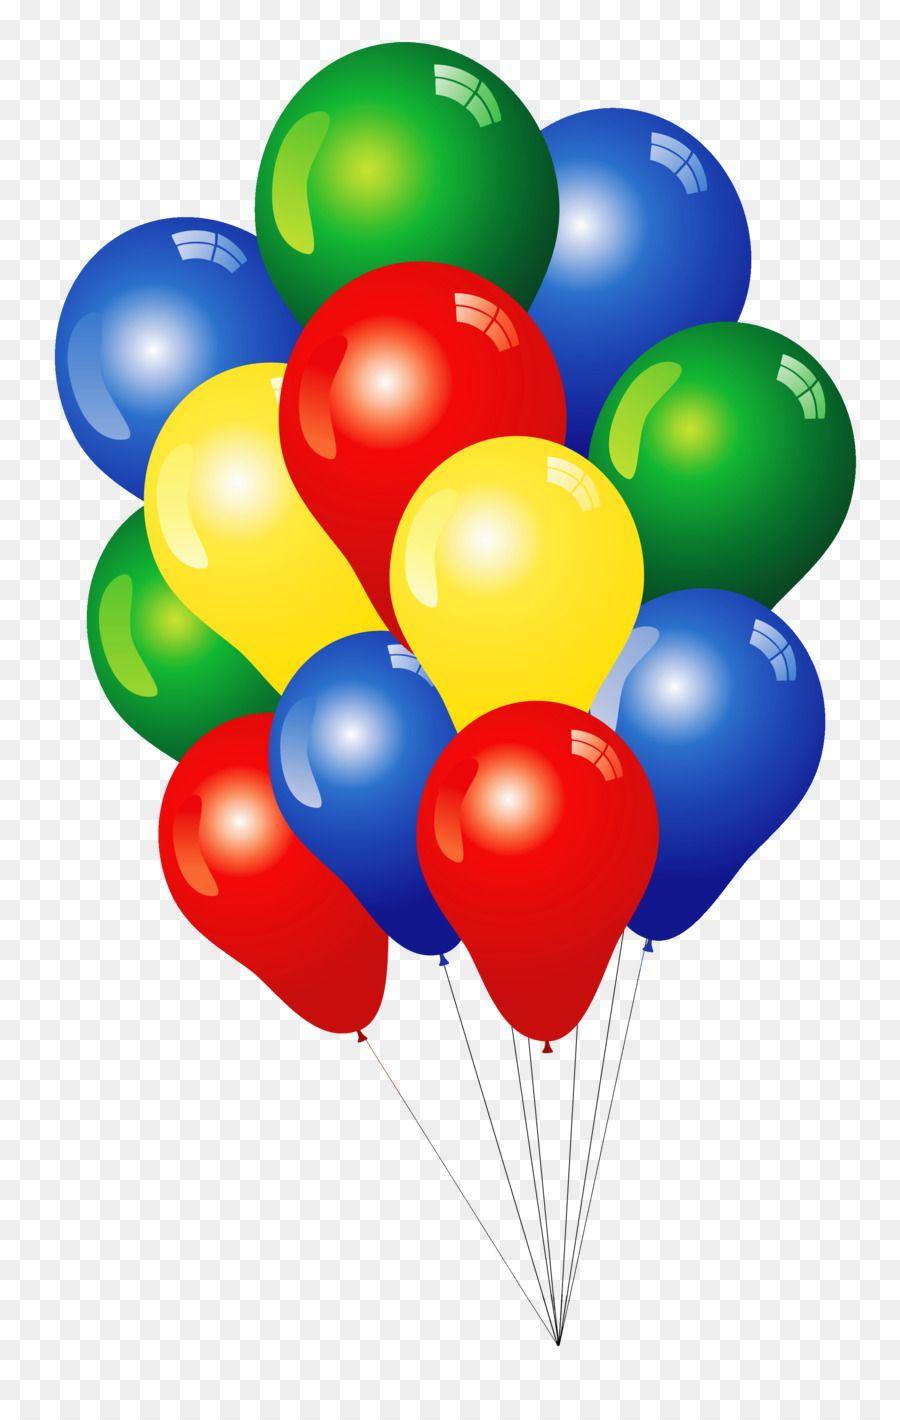 Hot Air Balloon Cartoon In 2020 Balloon Clipart Free Clip Art Clip Art